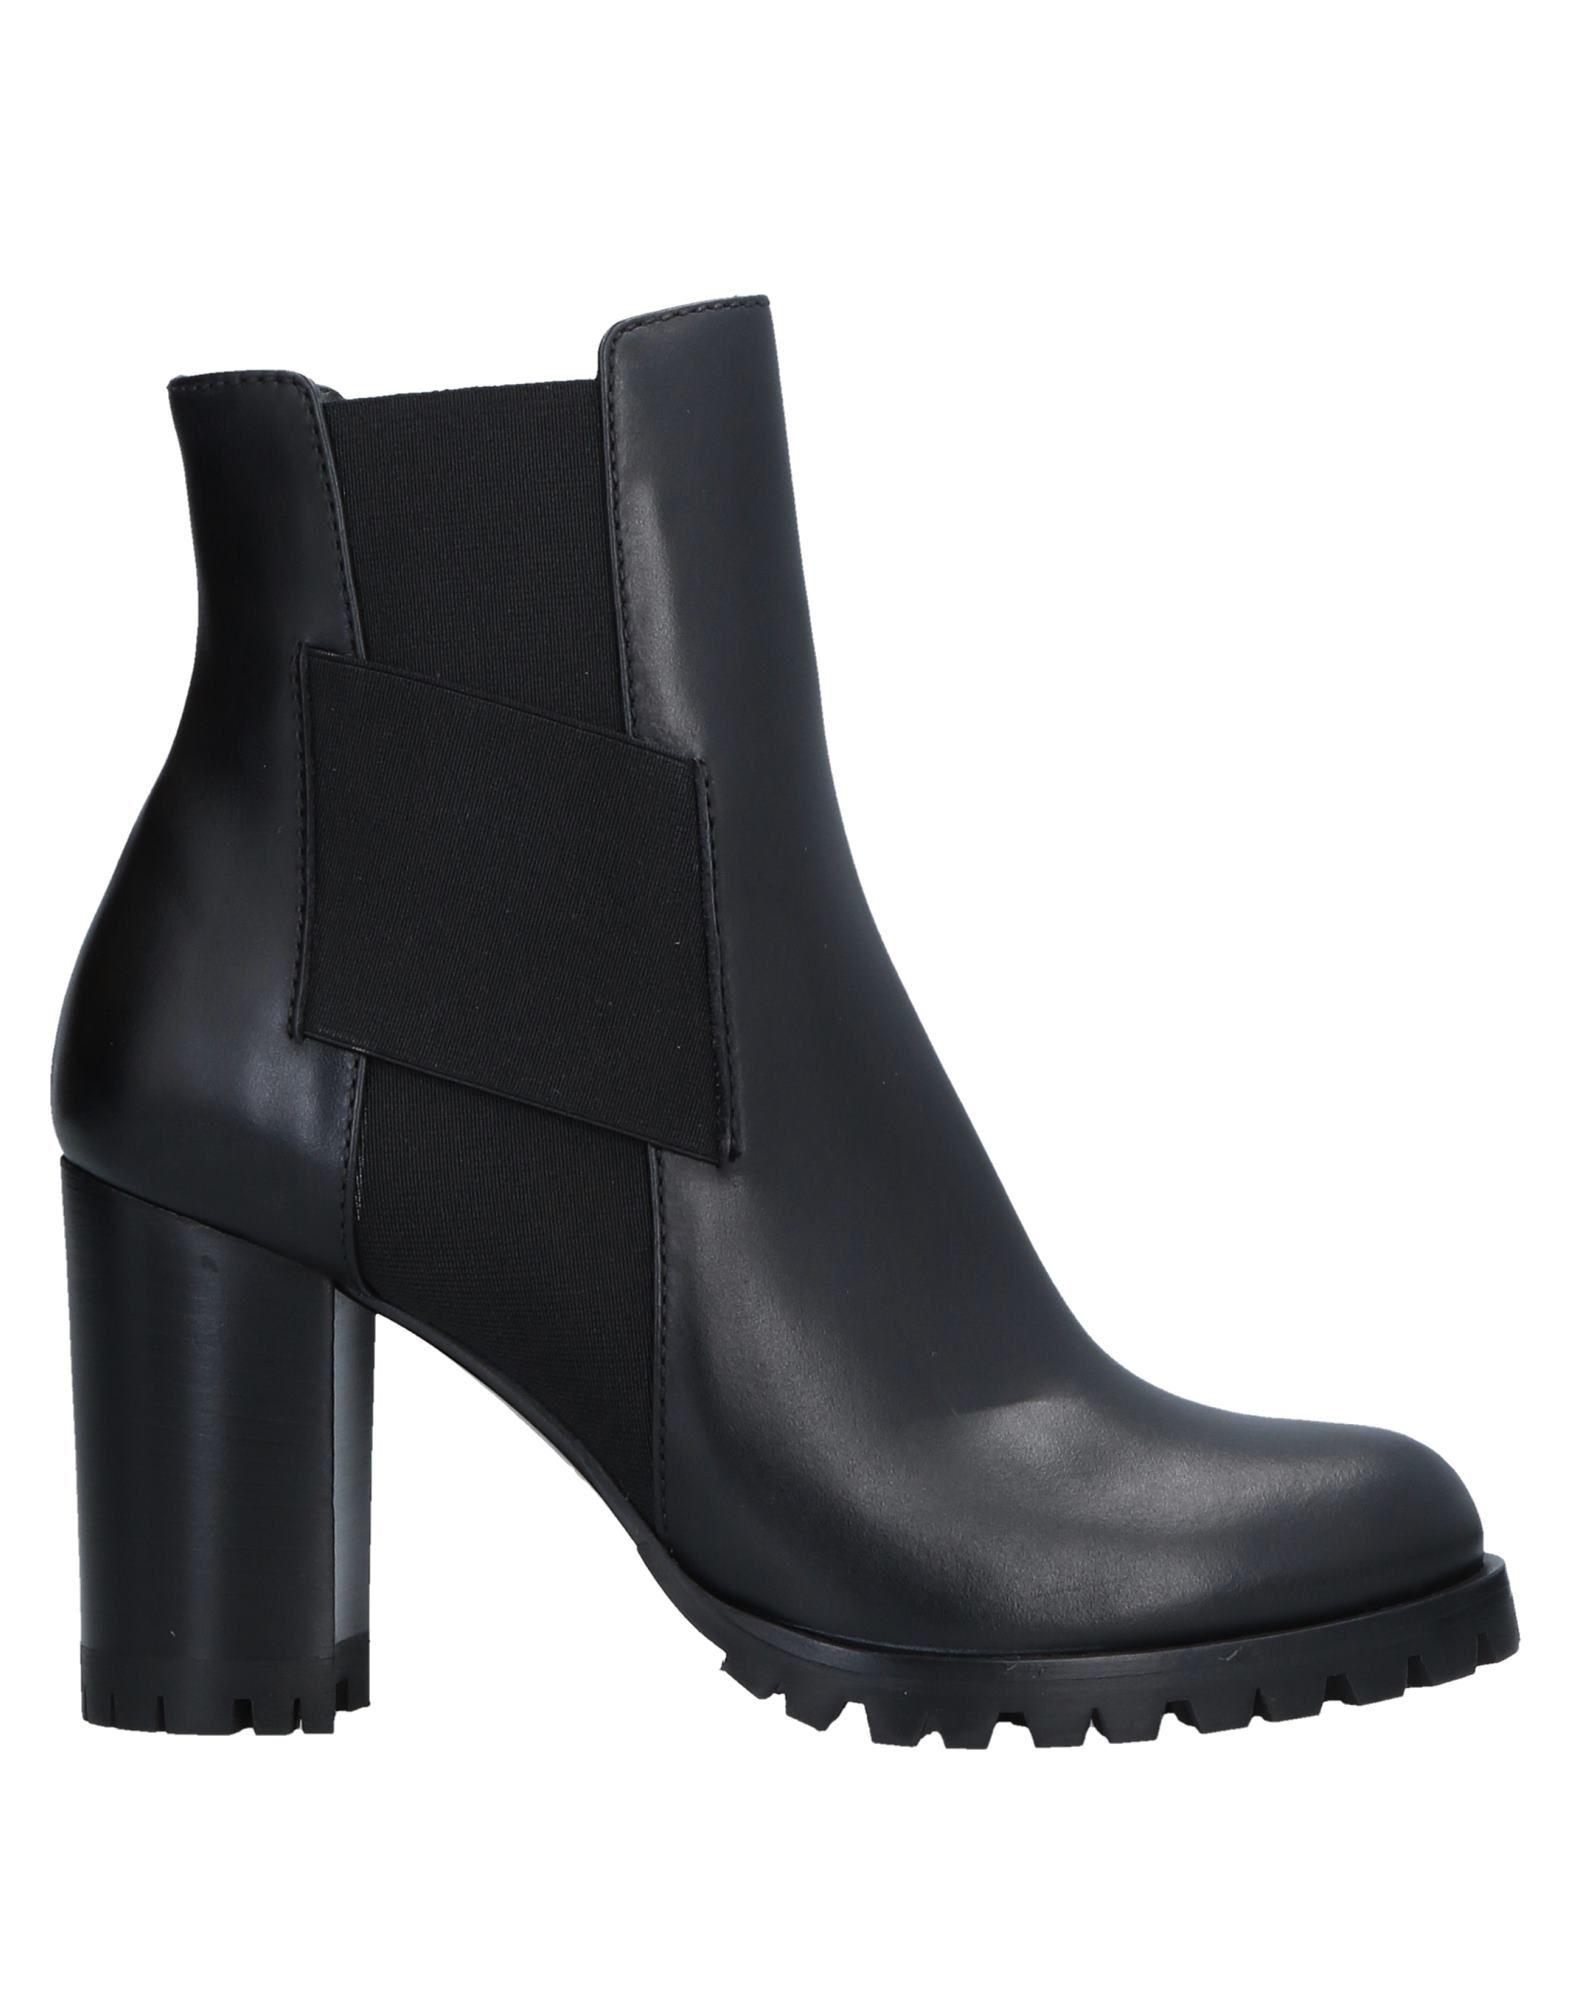 Bottine Casadei Femme - Bottines Casadei Noir Les chaussures les plus populaires pour les hommes et les femmes